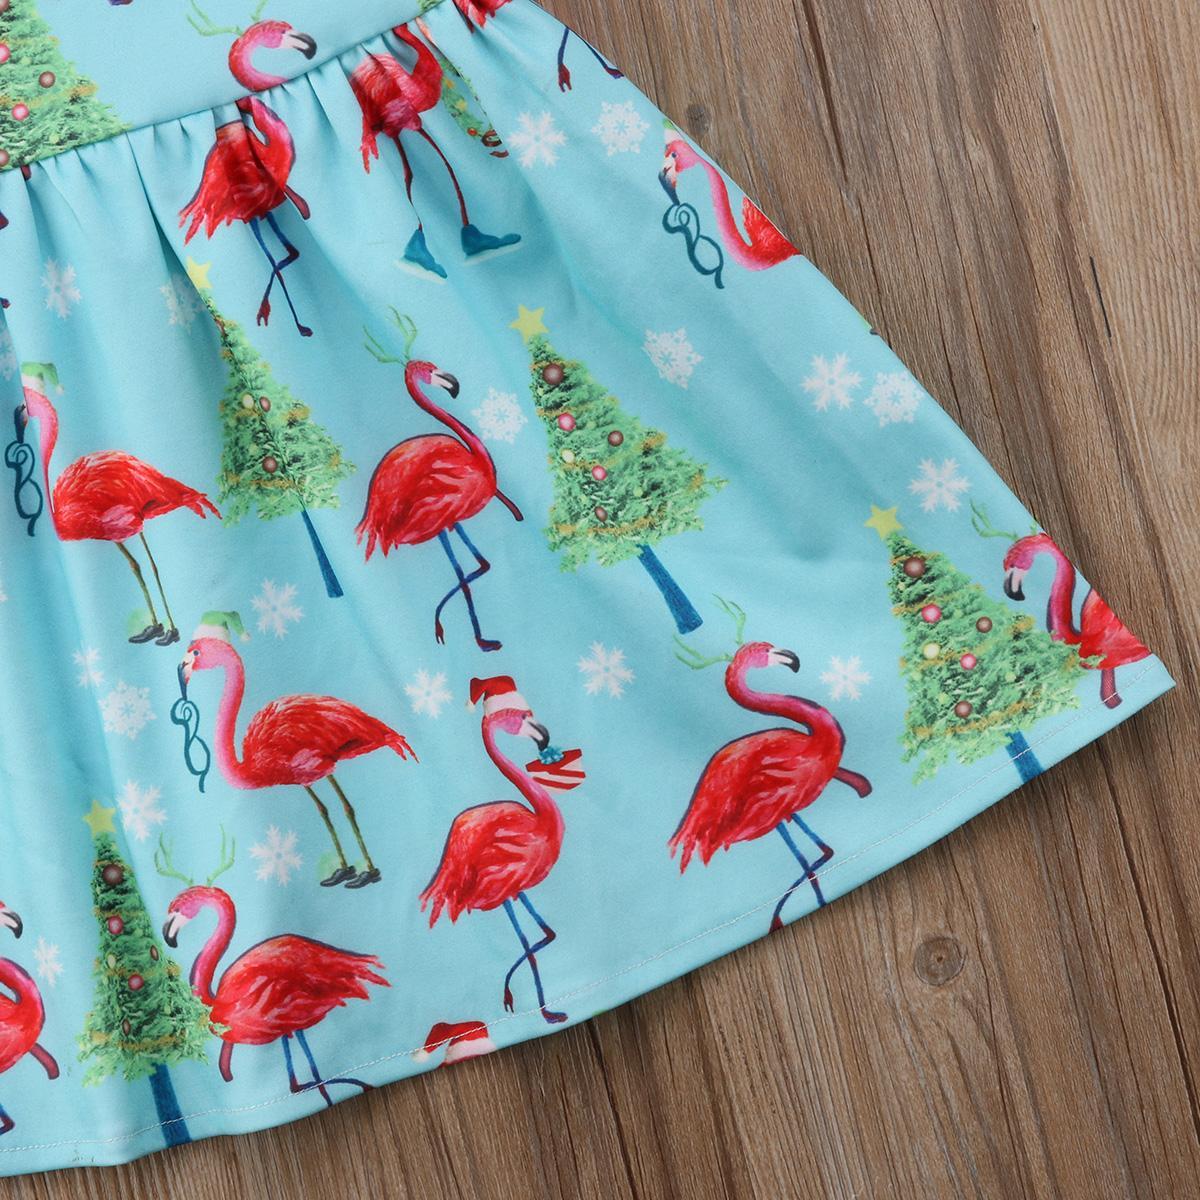 Aves Diseño ACCIÓN US verano de los bebés de los niños vestido de la historieta ocasional de la impresión de algodón Vestido de tirantes ropa de fiesta del niño vestido 0-2T